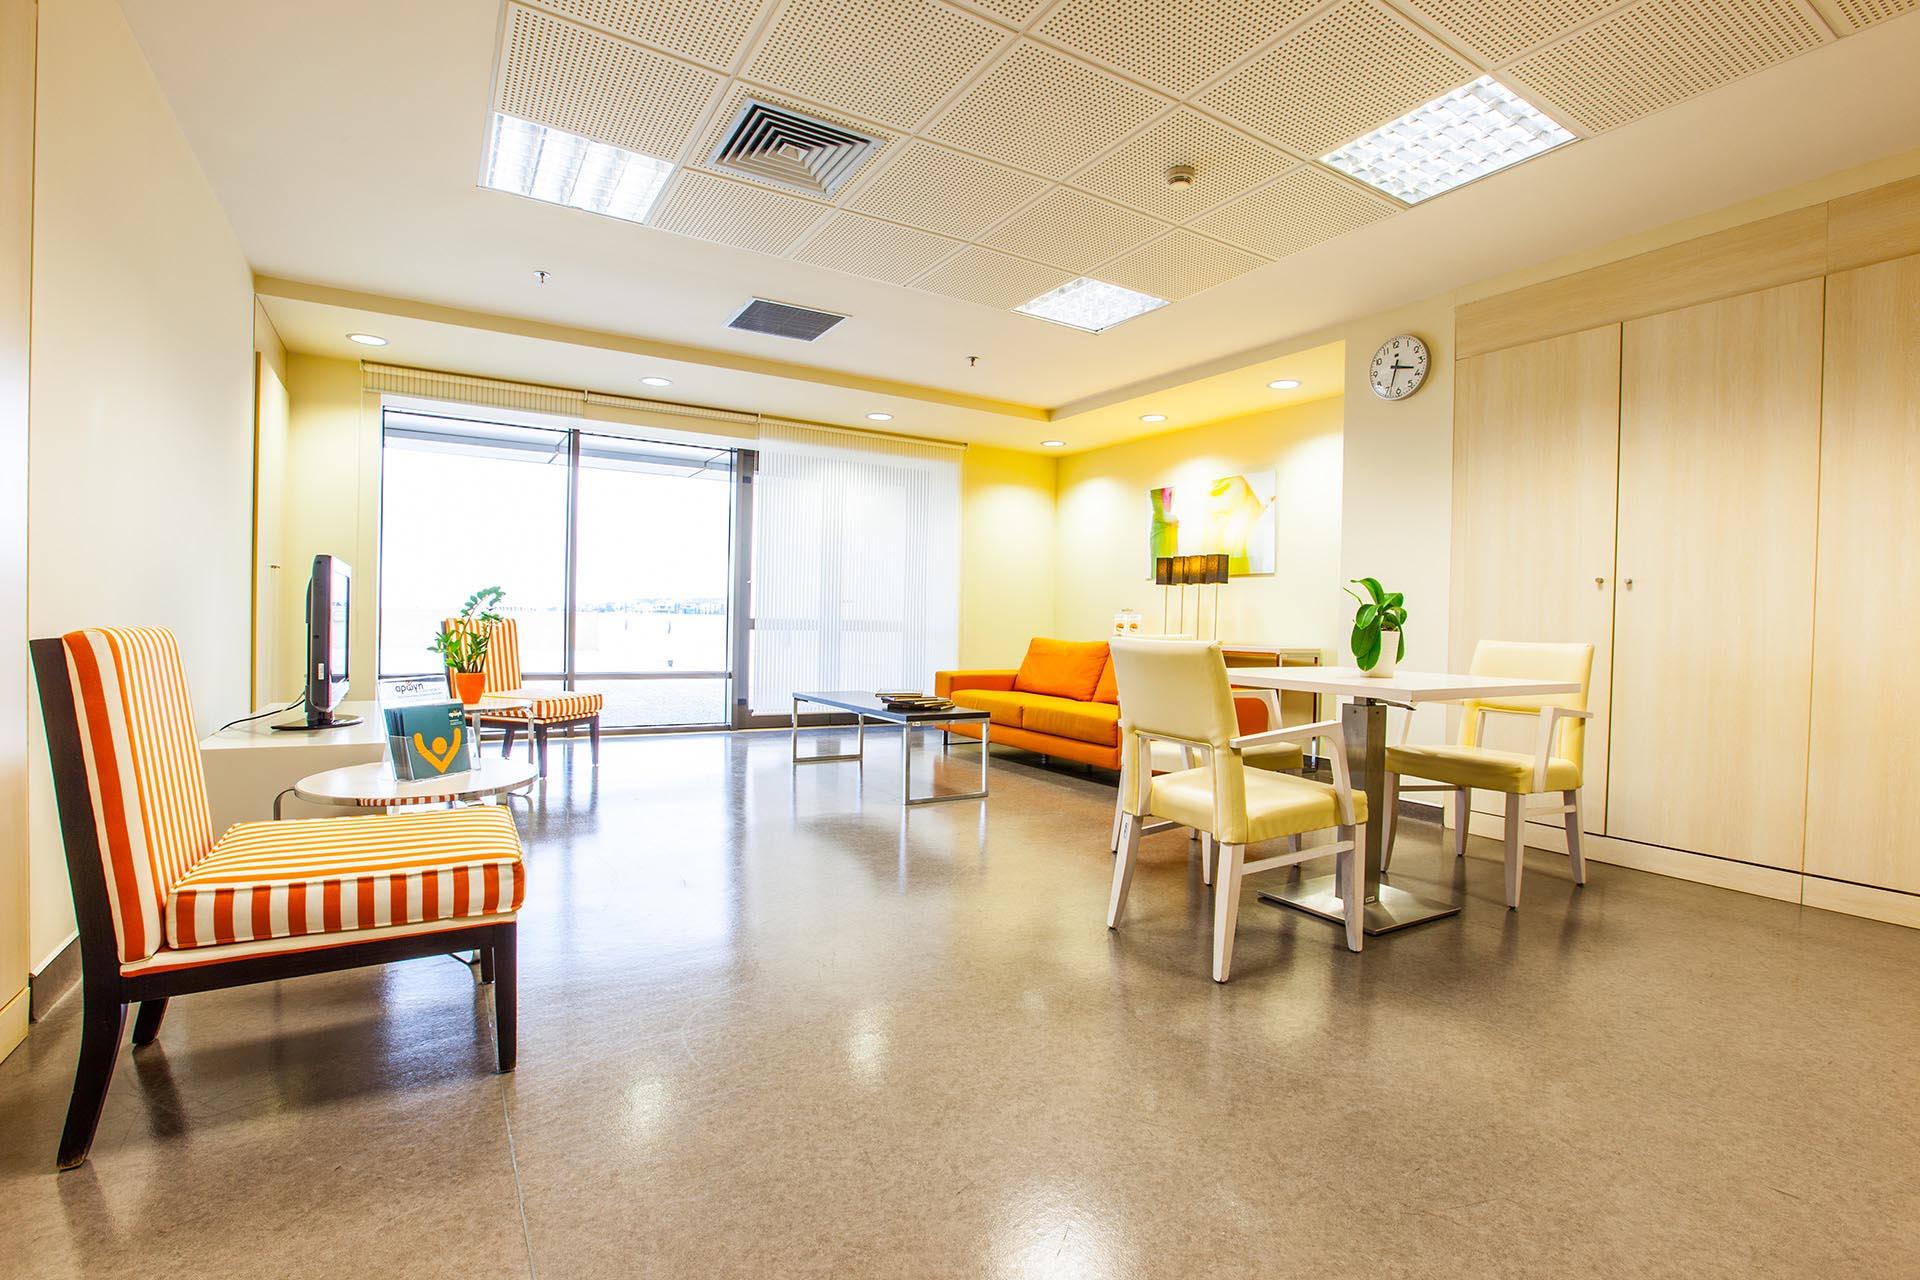 Κέντρο Αποκατάστασης Euromedica Αρωγή Θεσσαλονίκη επισκεπτήριο